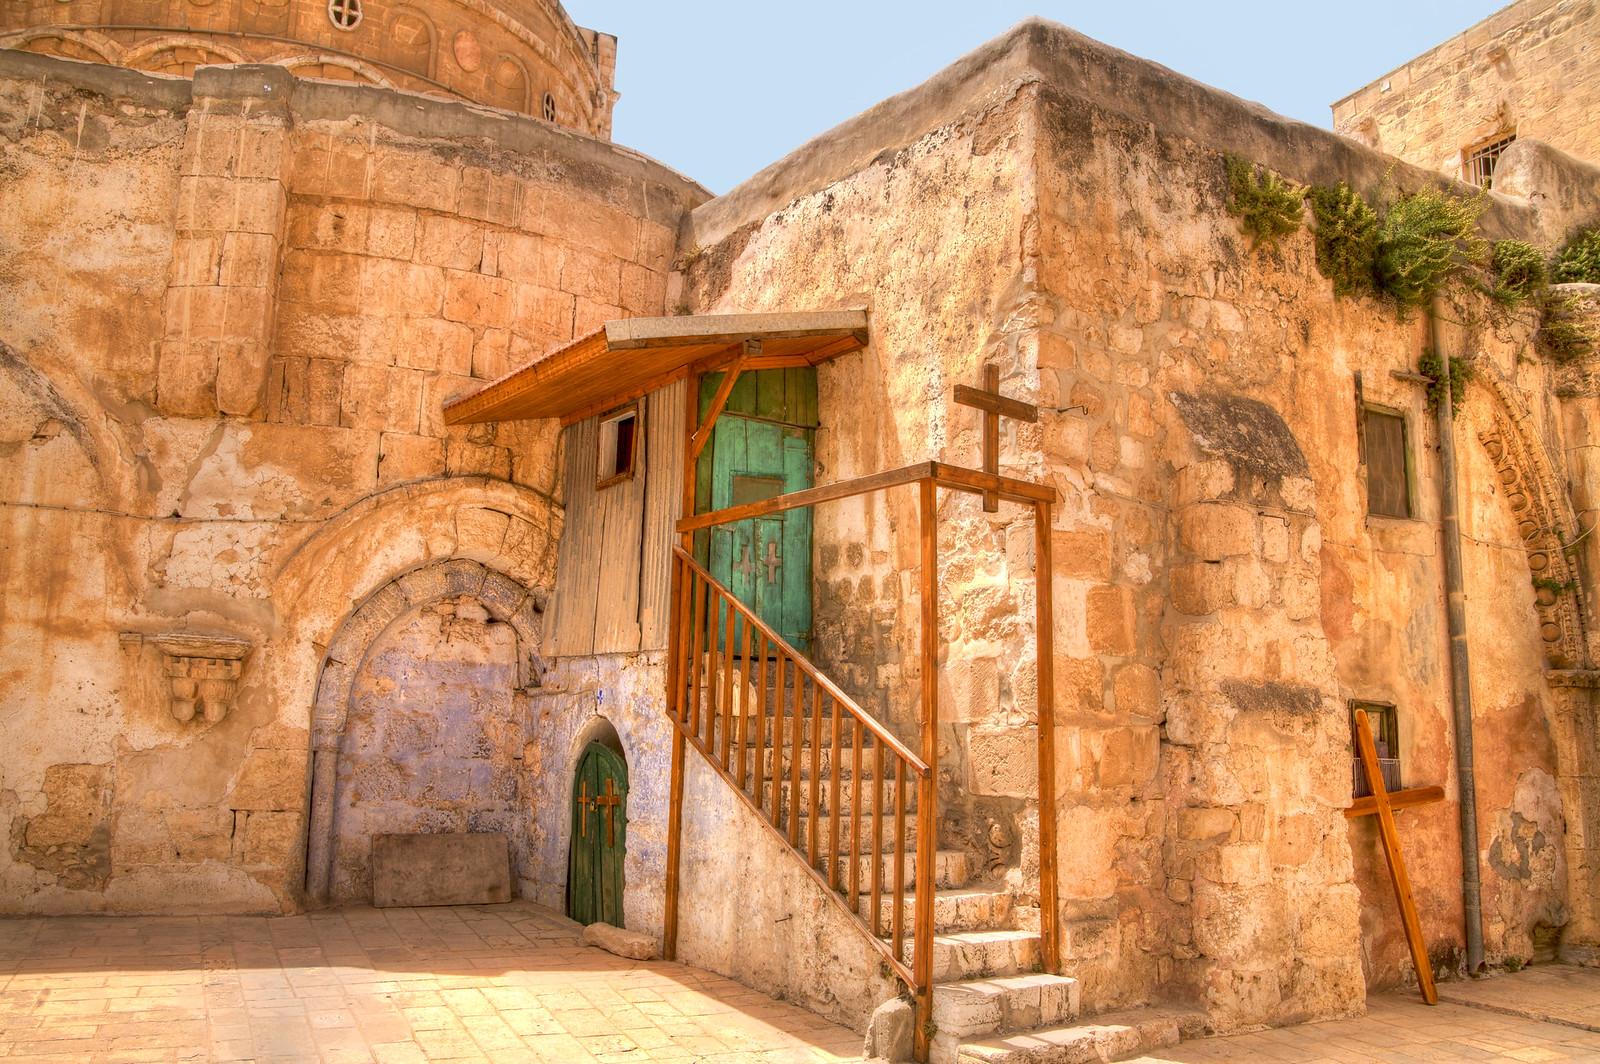 Jerusalem_Holy Sepulcher_13_Noam Chen_IMOT